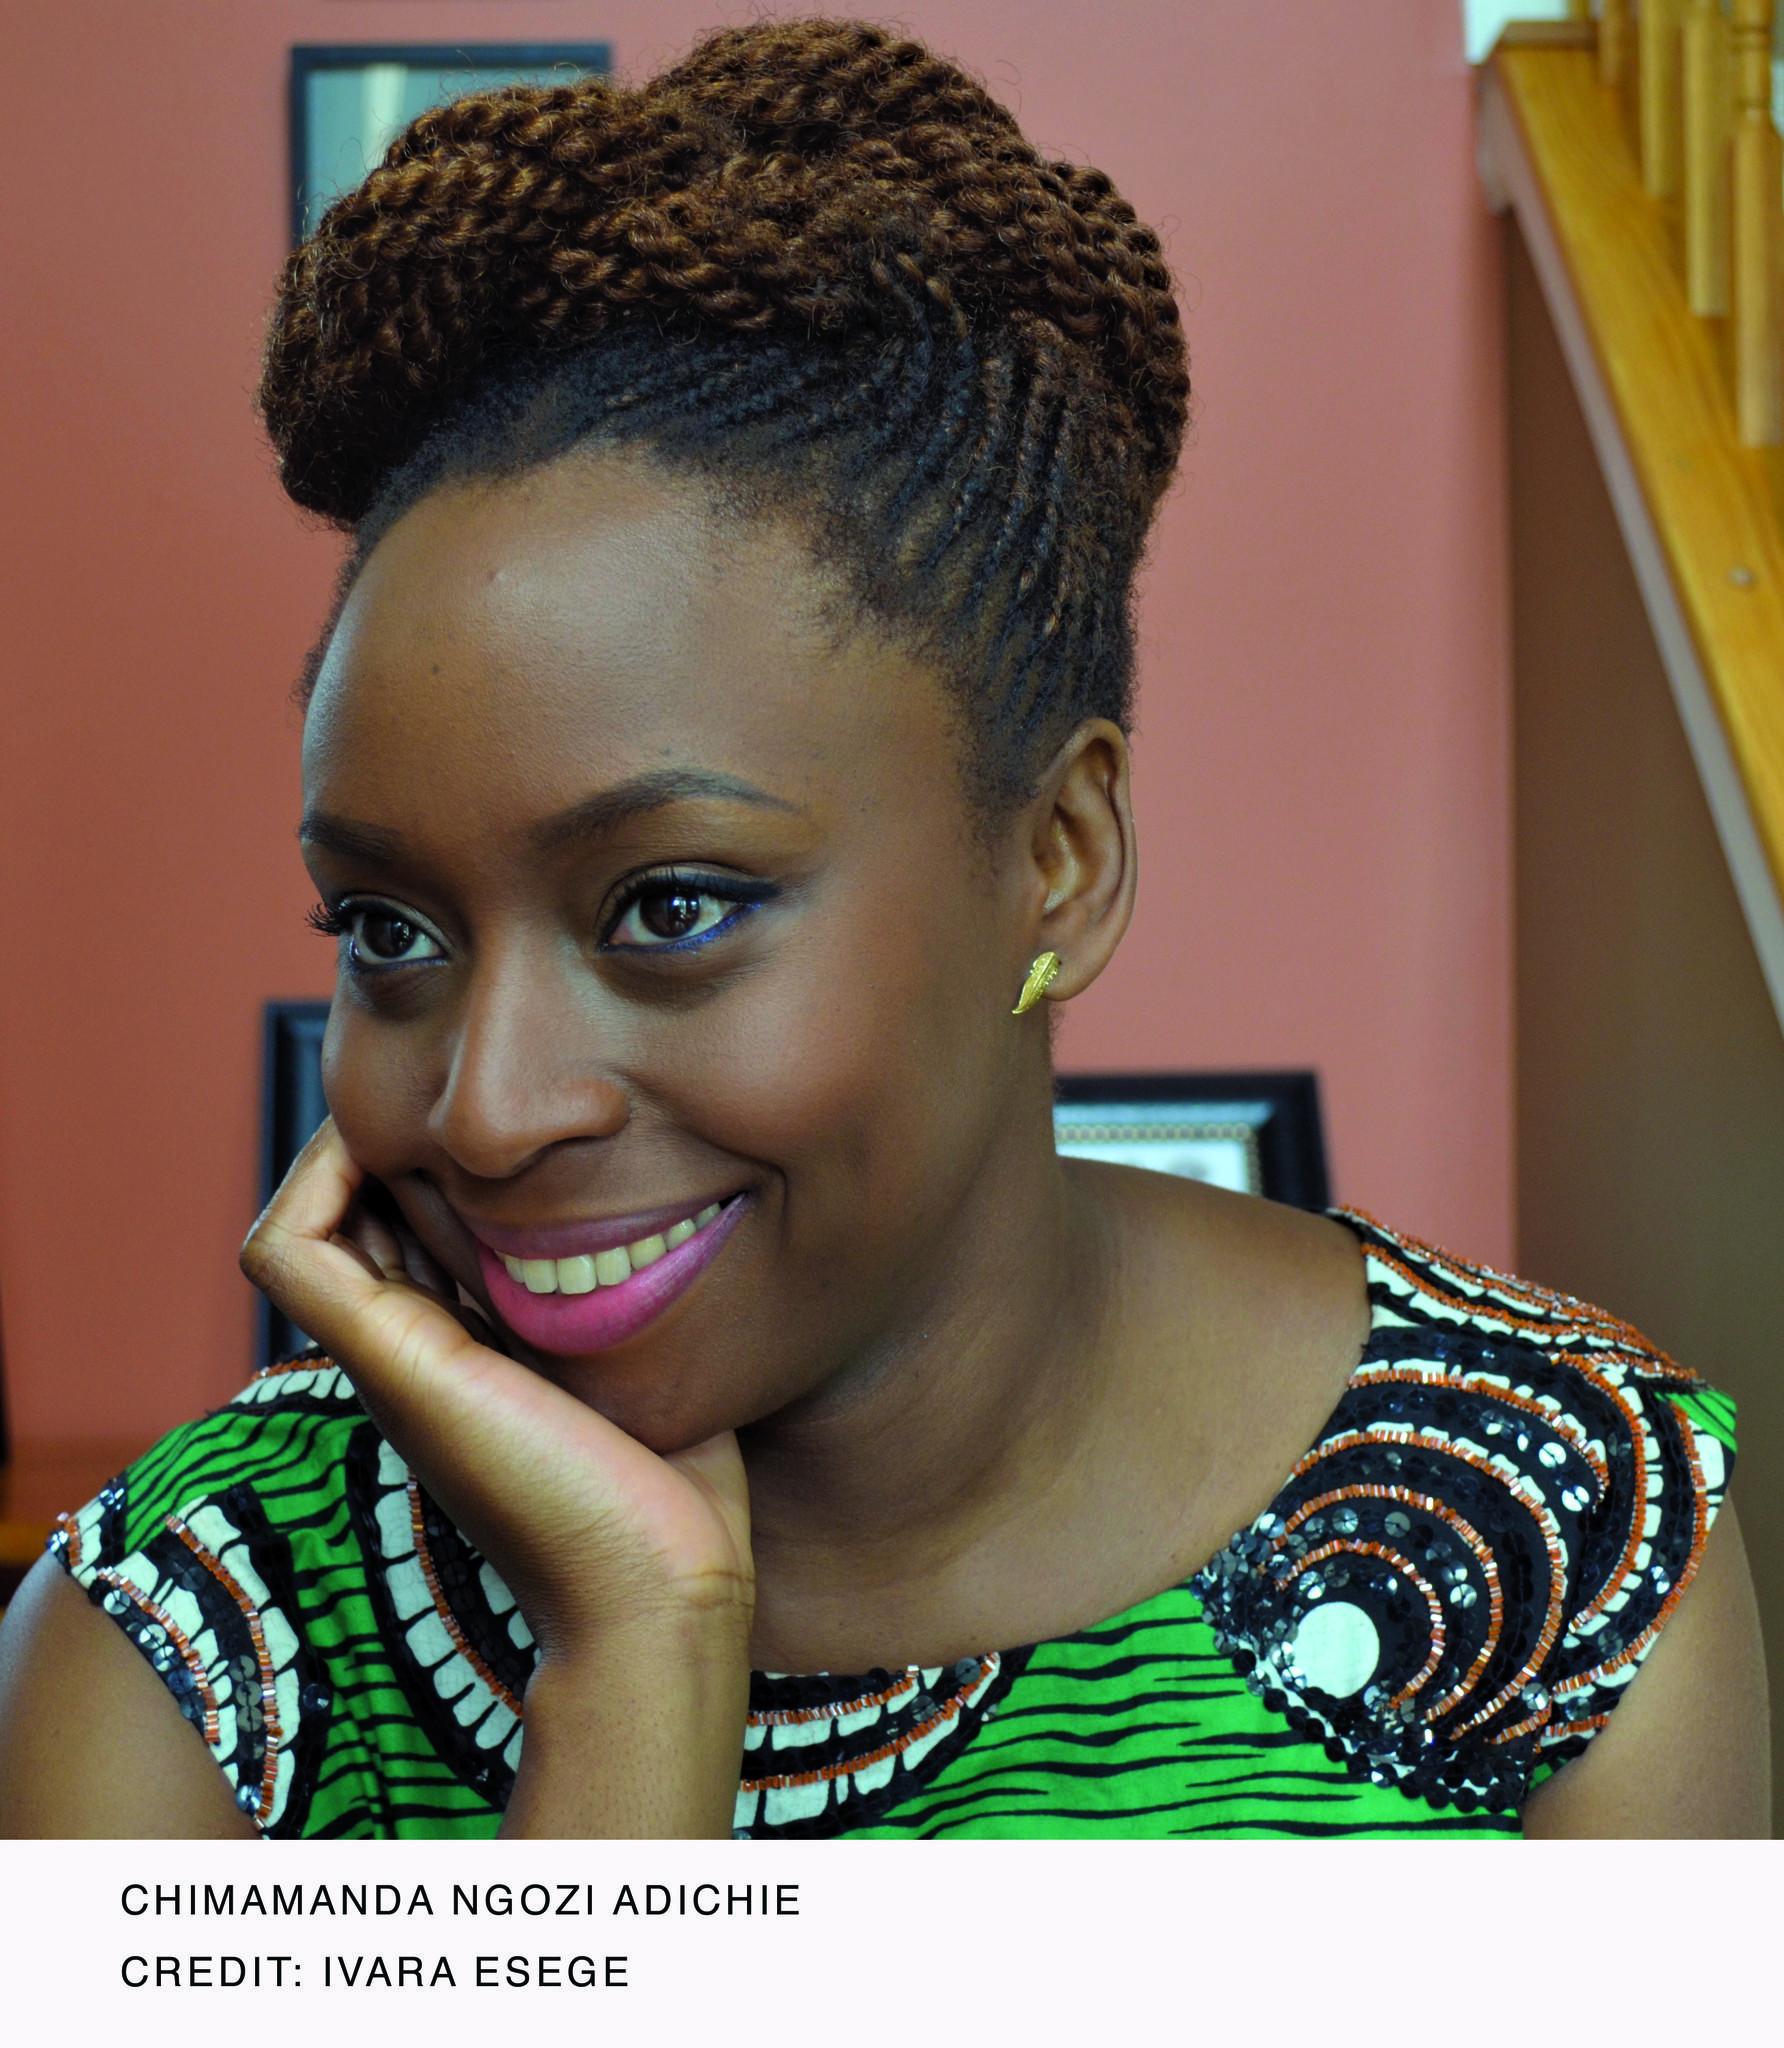 """Chimamanda Ngozi Adichie, author of """"Americanah."""" Photo by Ivara Esege"""